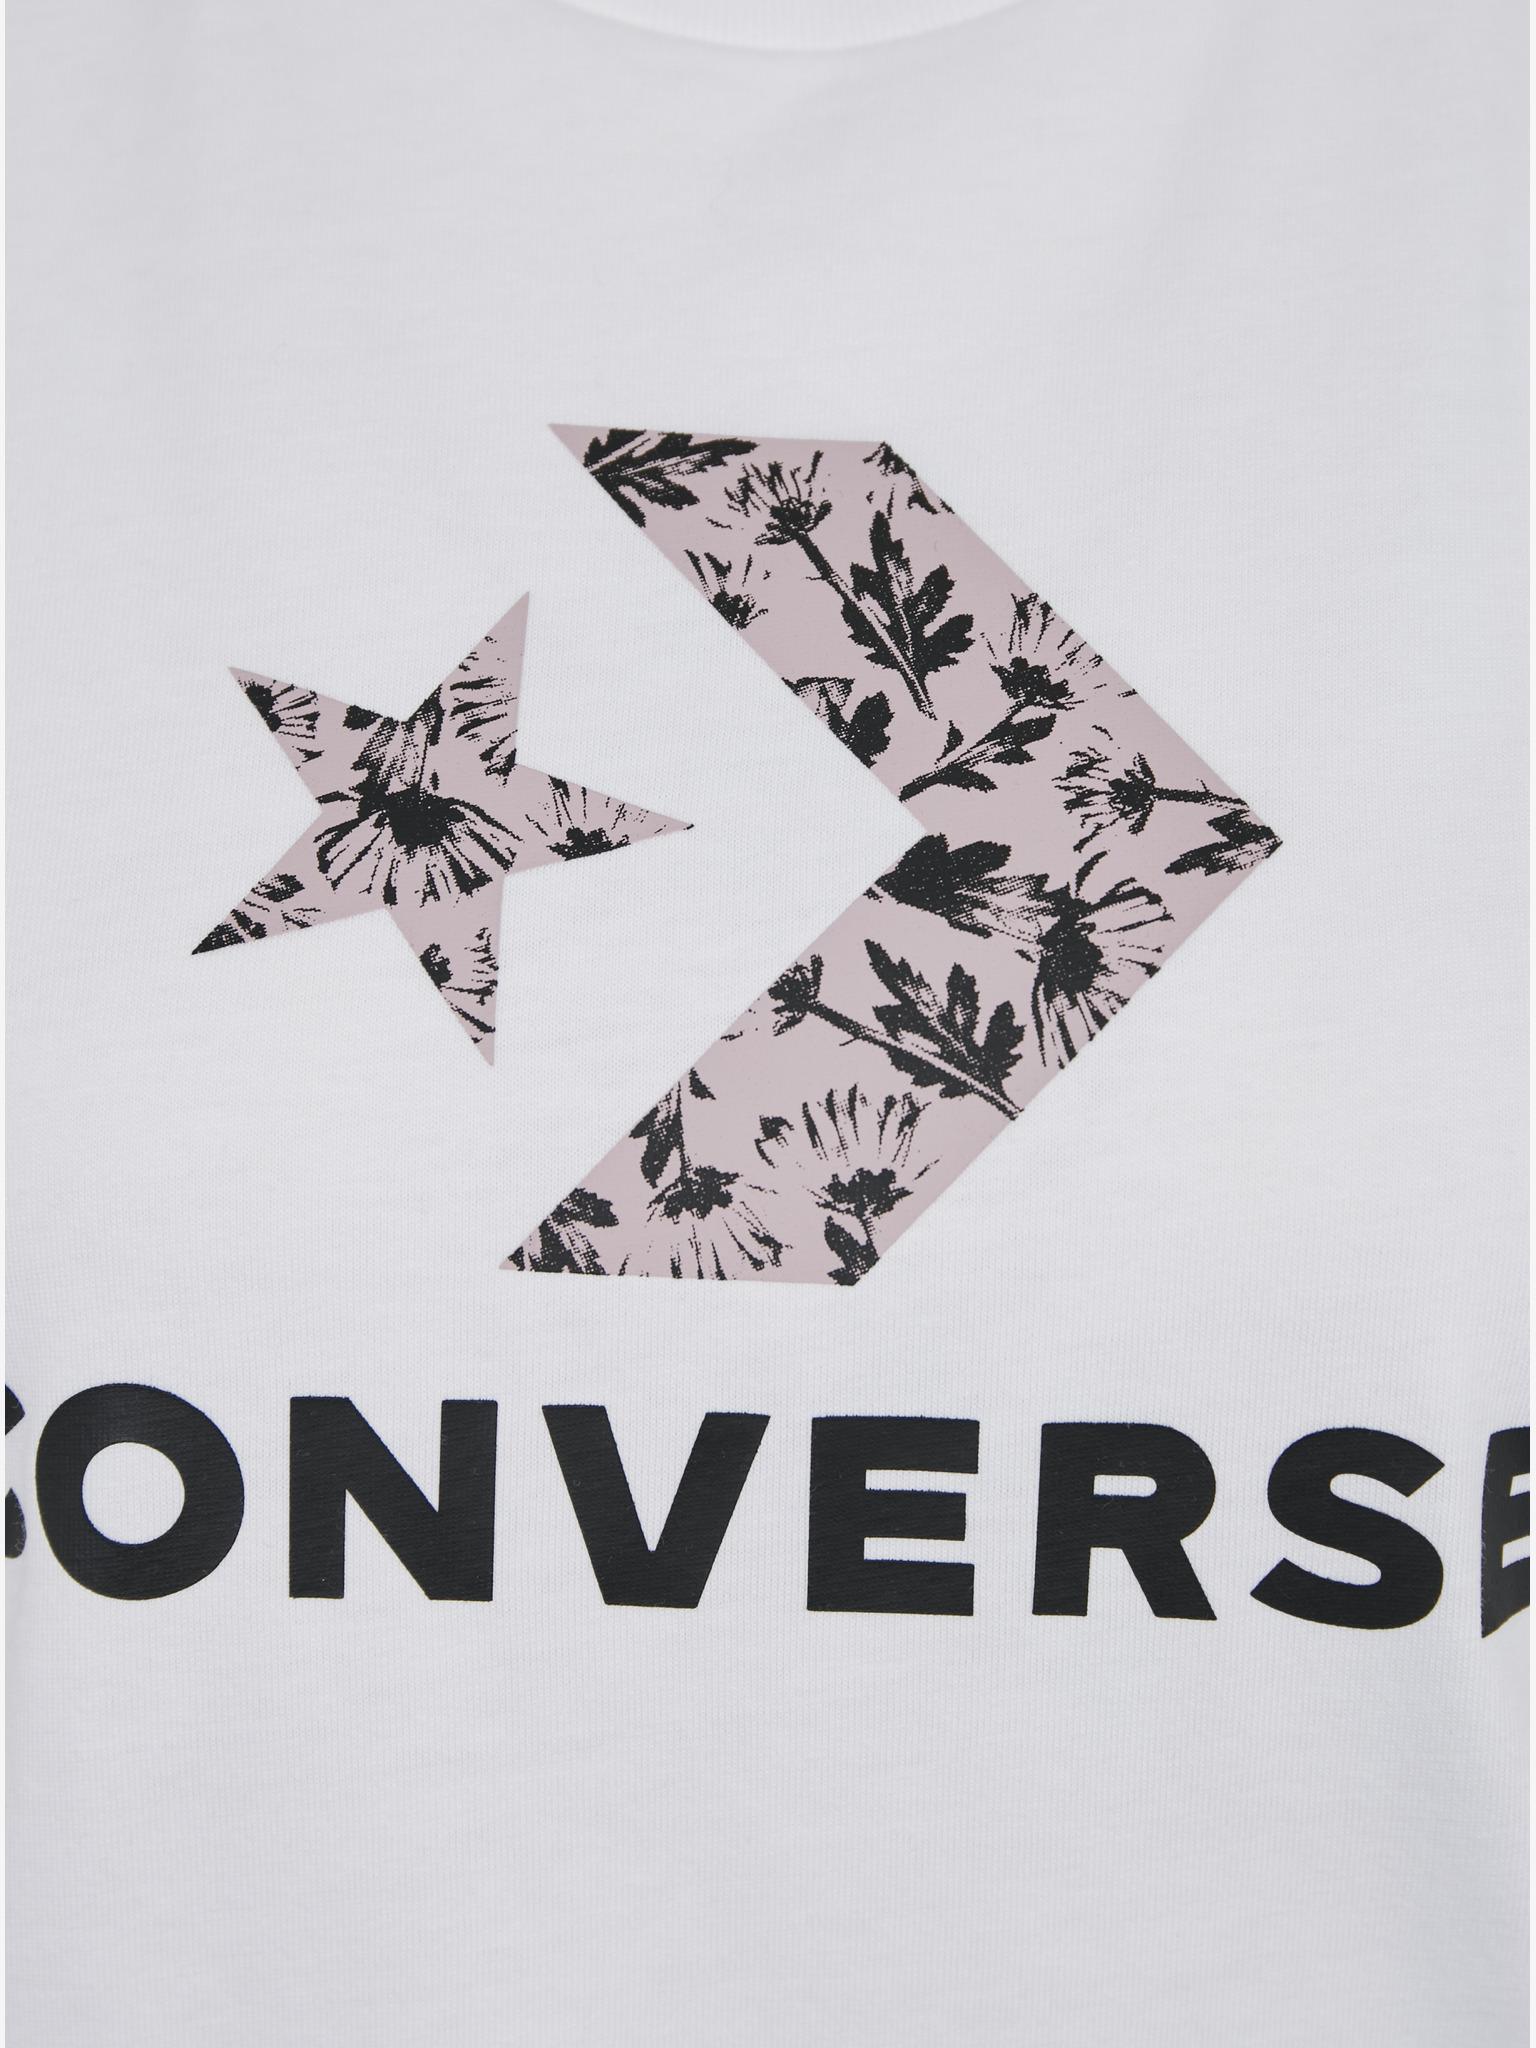 Converse Maglietta donna bianco  Star